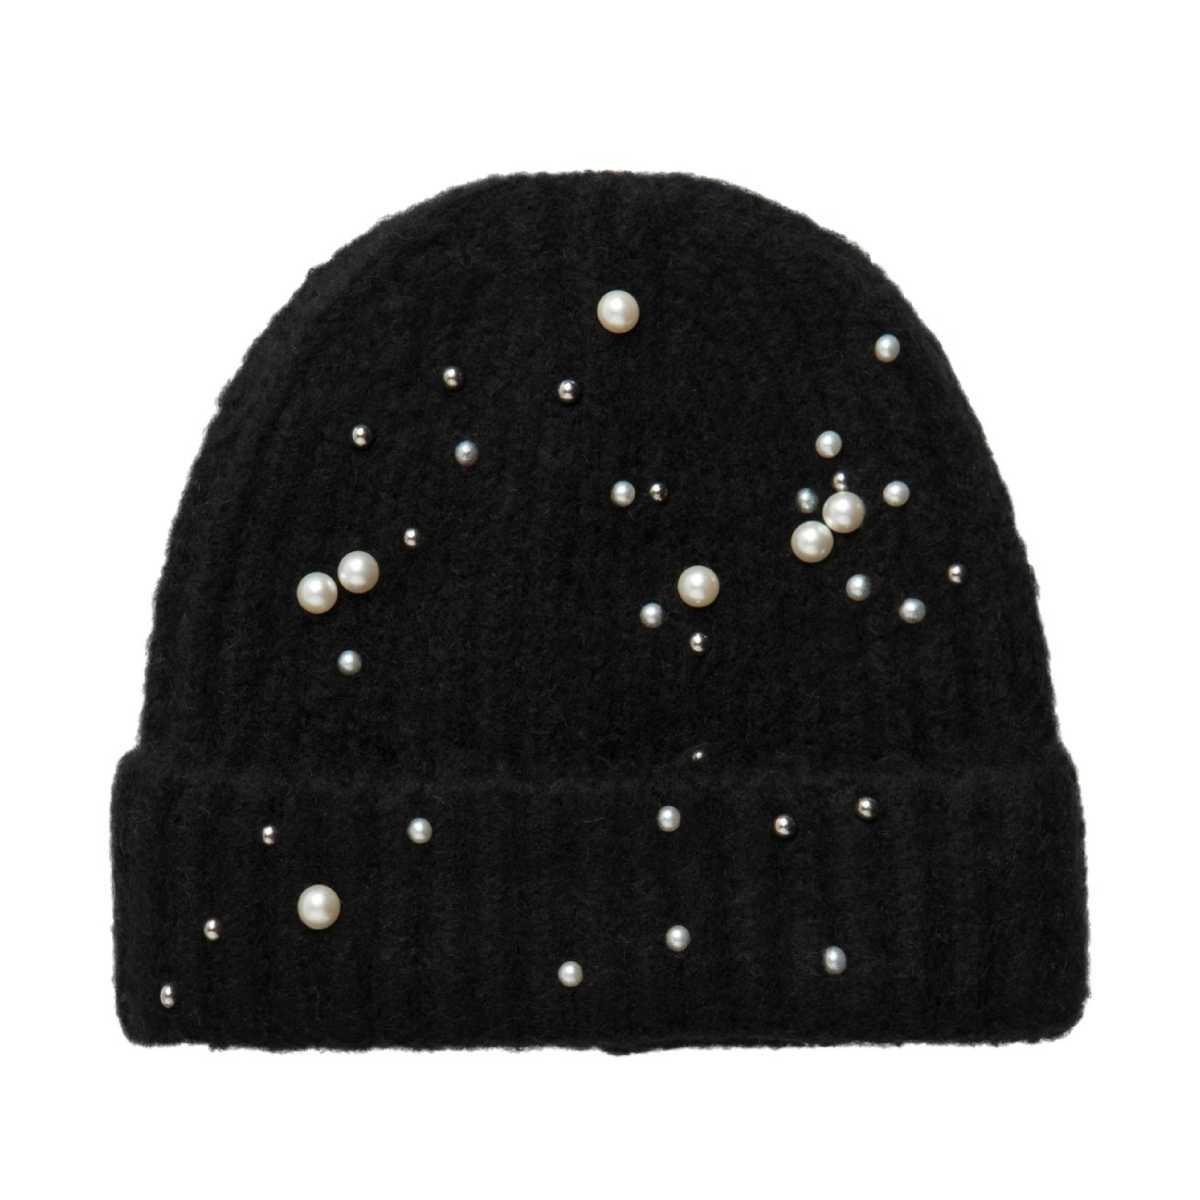 Černá zimní čepice s perličkami f46abe0f59